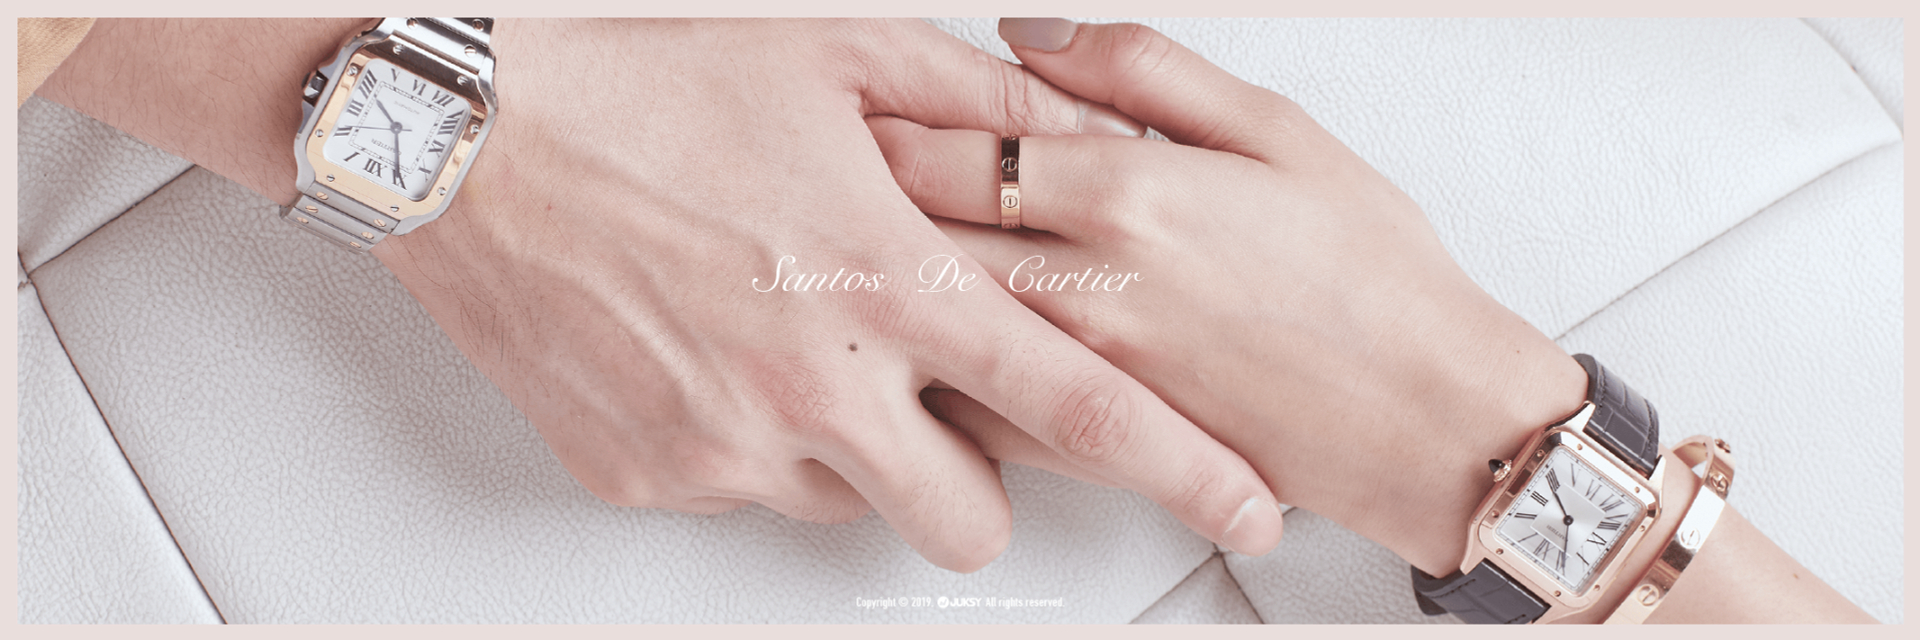 「親愛的,今年我們對錶放閃吧 ! 」  SANTOS DE CARTIER 就像真愛的他,陪伴彼此的每一刻